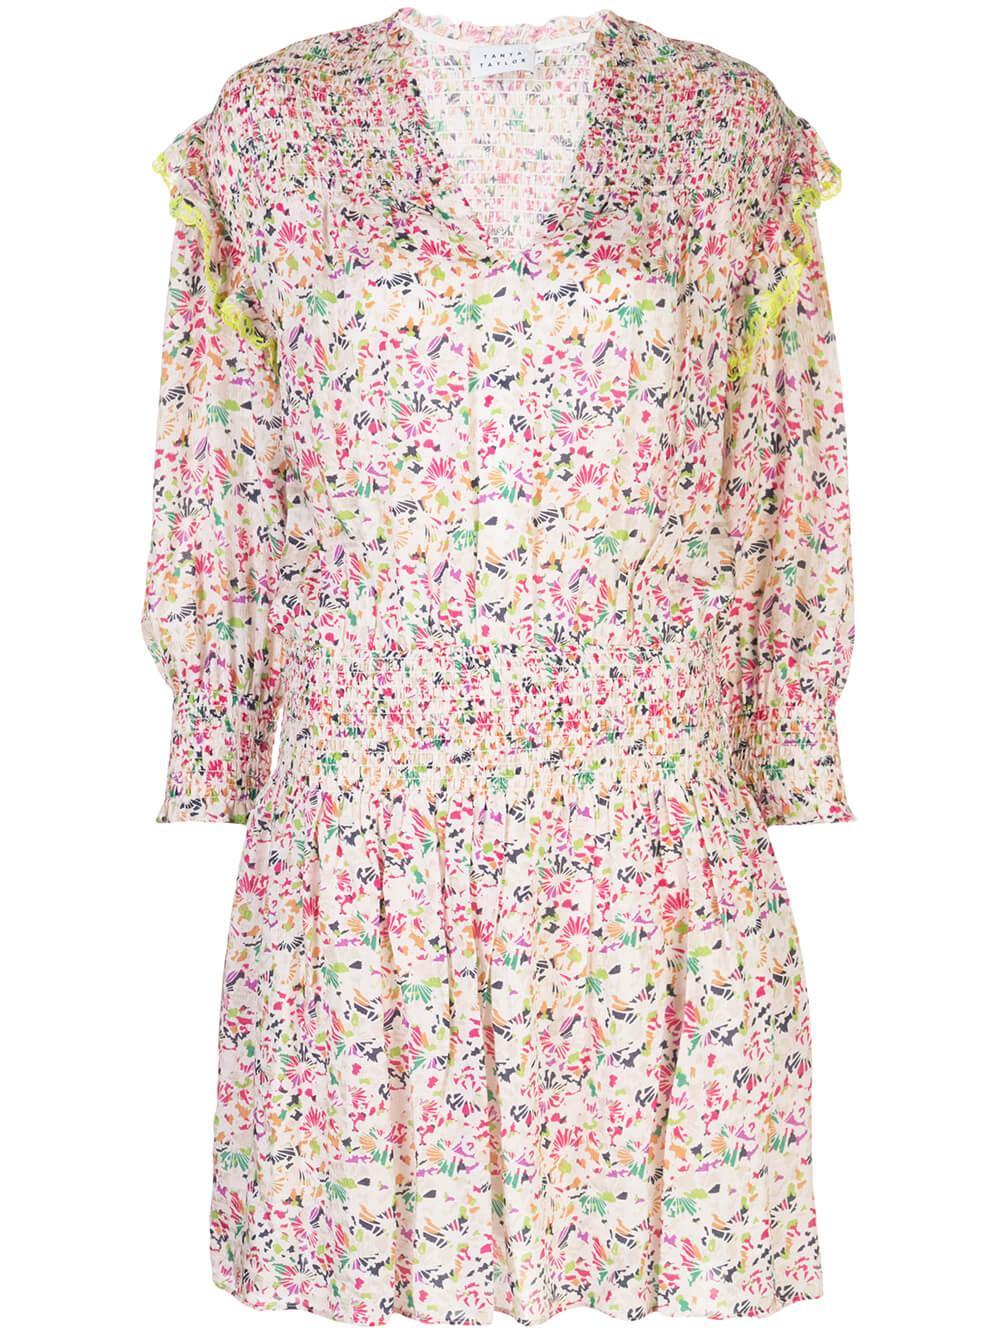 Imogen Confetti Print Mini Dress Item # S20D958130